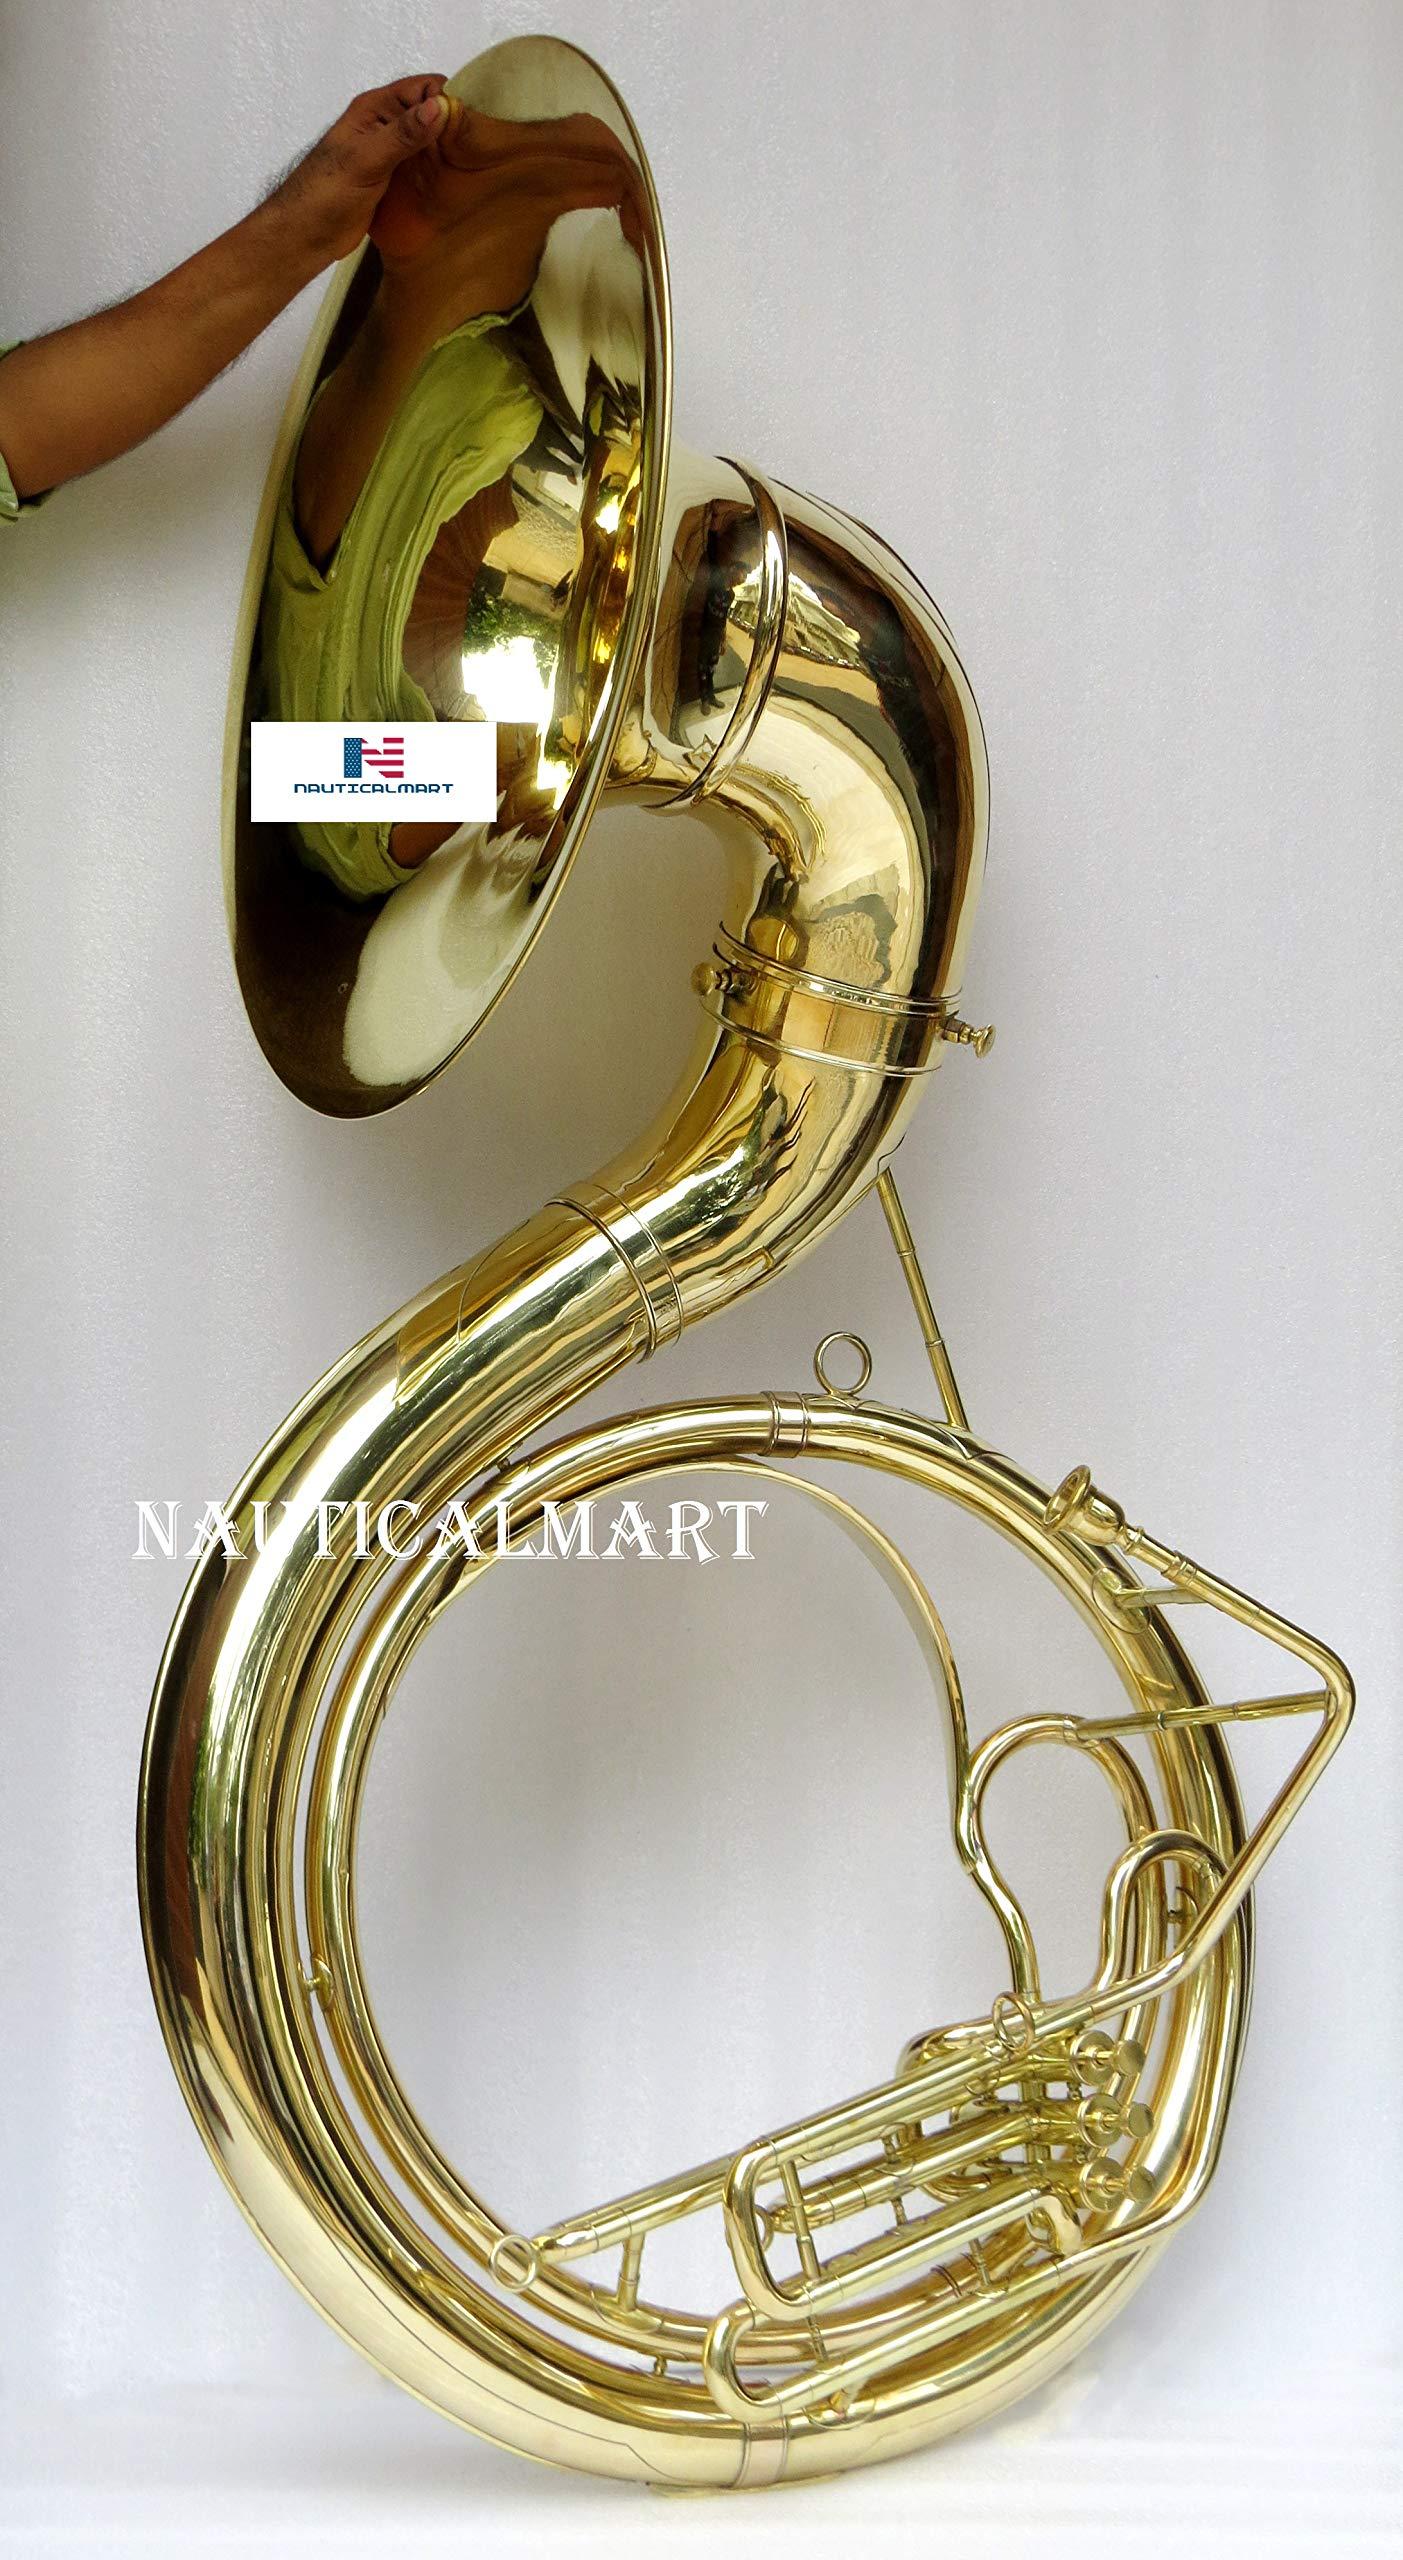 Jumbo 24-inch Bell Zweiss Superbrass BBb Sousaphone Natural Unlacquered Brass by NauticalMart